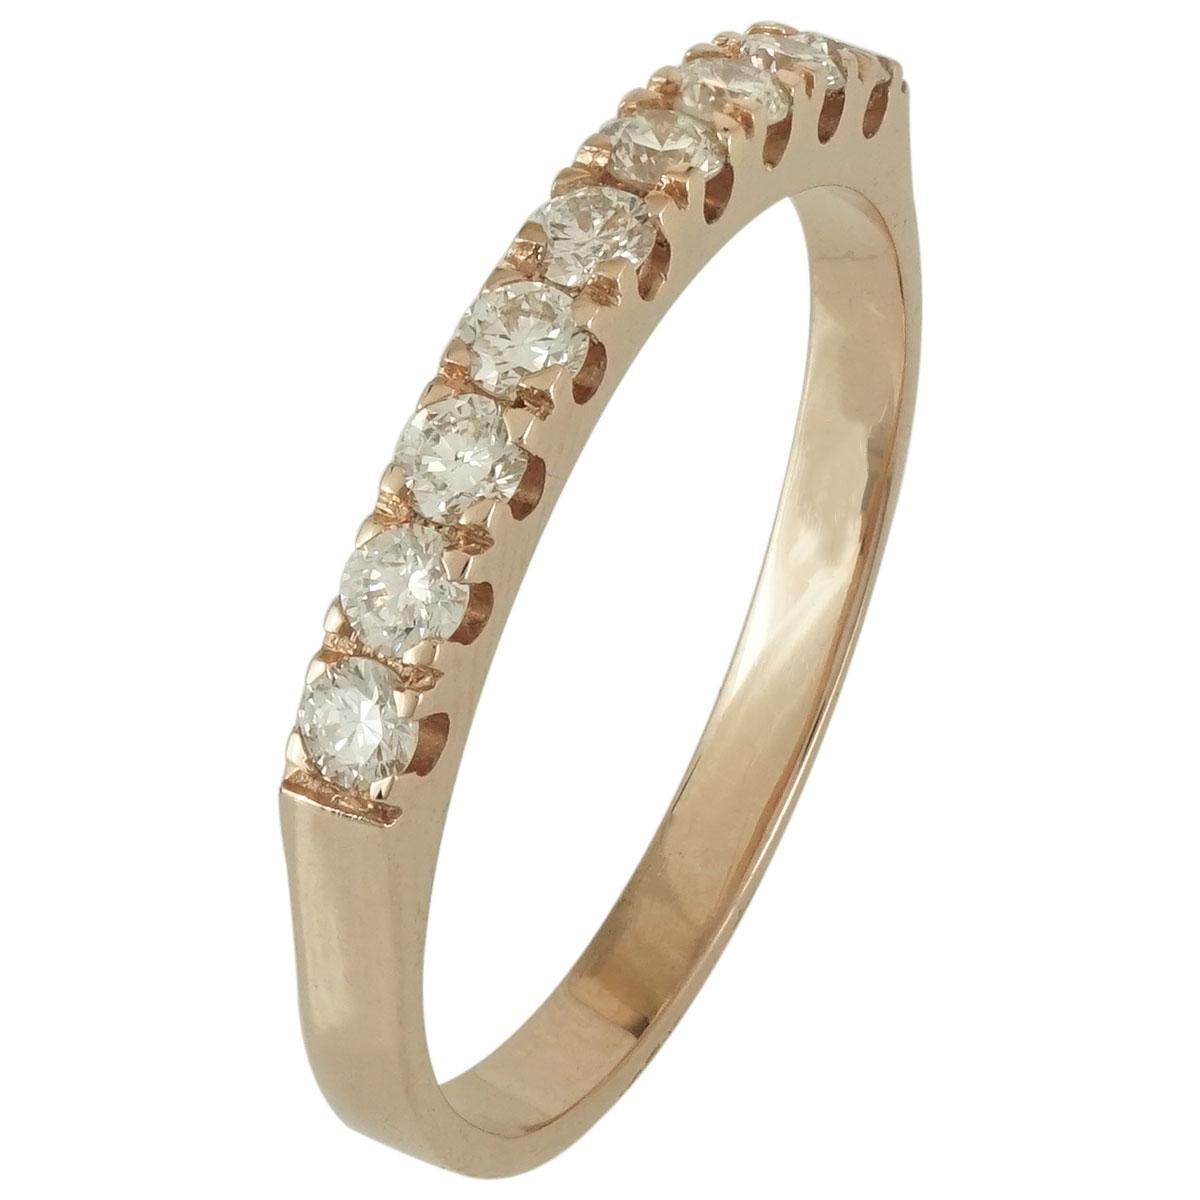 Ροζ Χρυσό Σειρέ Δαχτυλίδι Κ18 με Διαμάντια Brilliant R16604